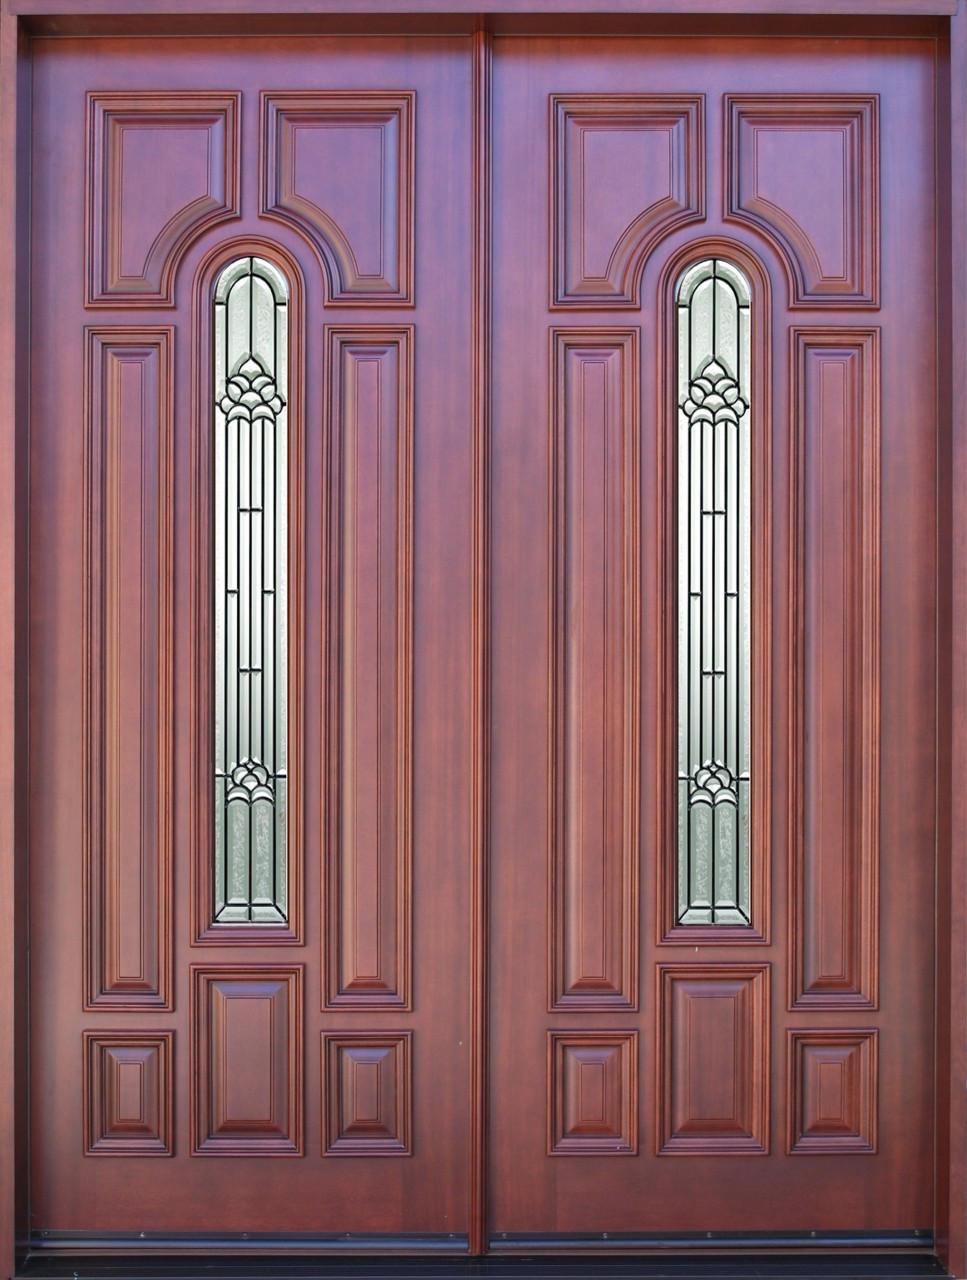 Discount Doors Center. Wood Entry Door